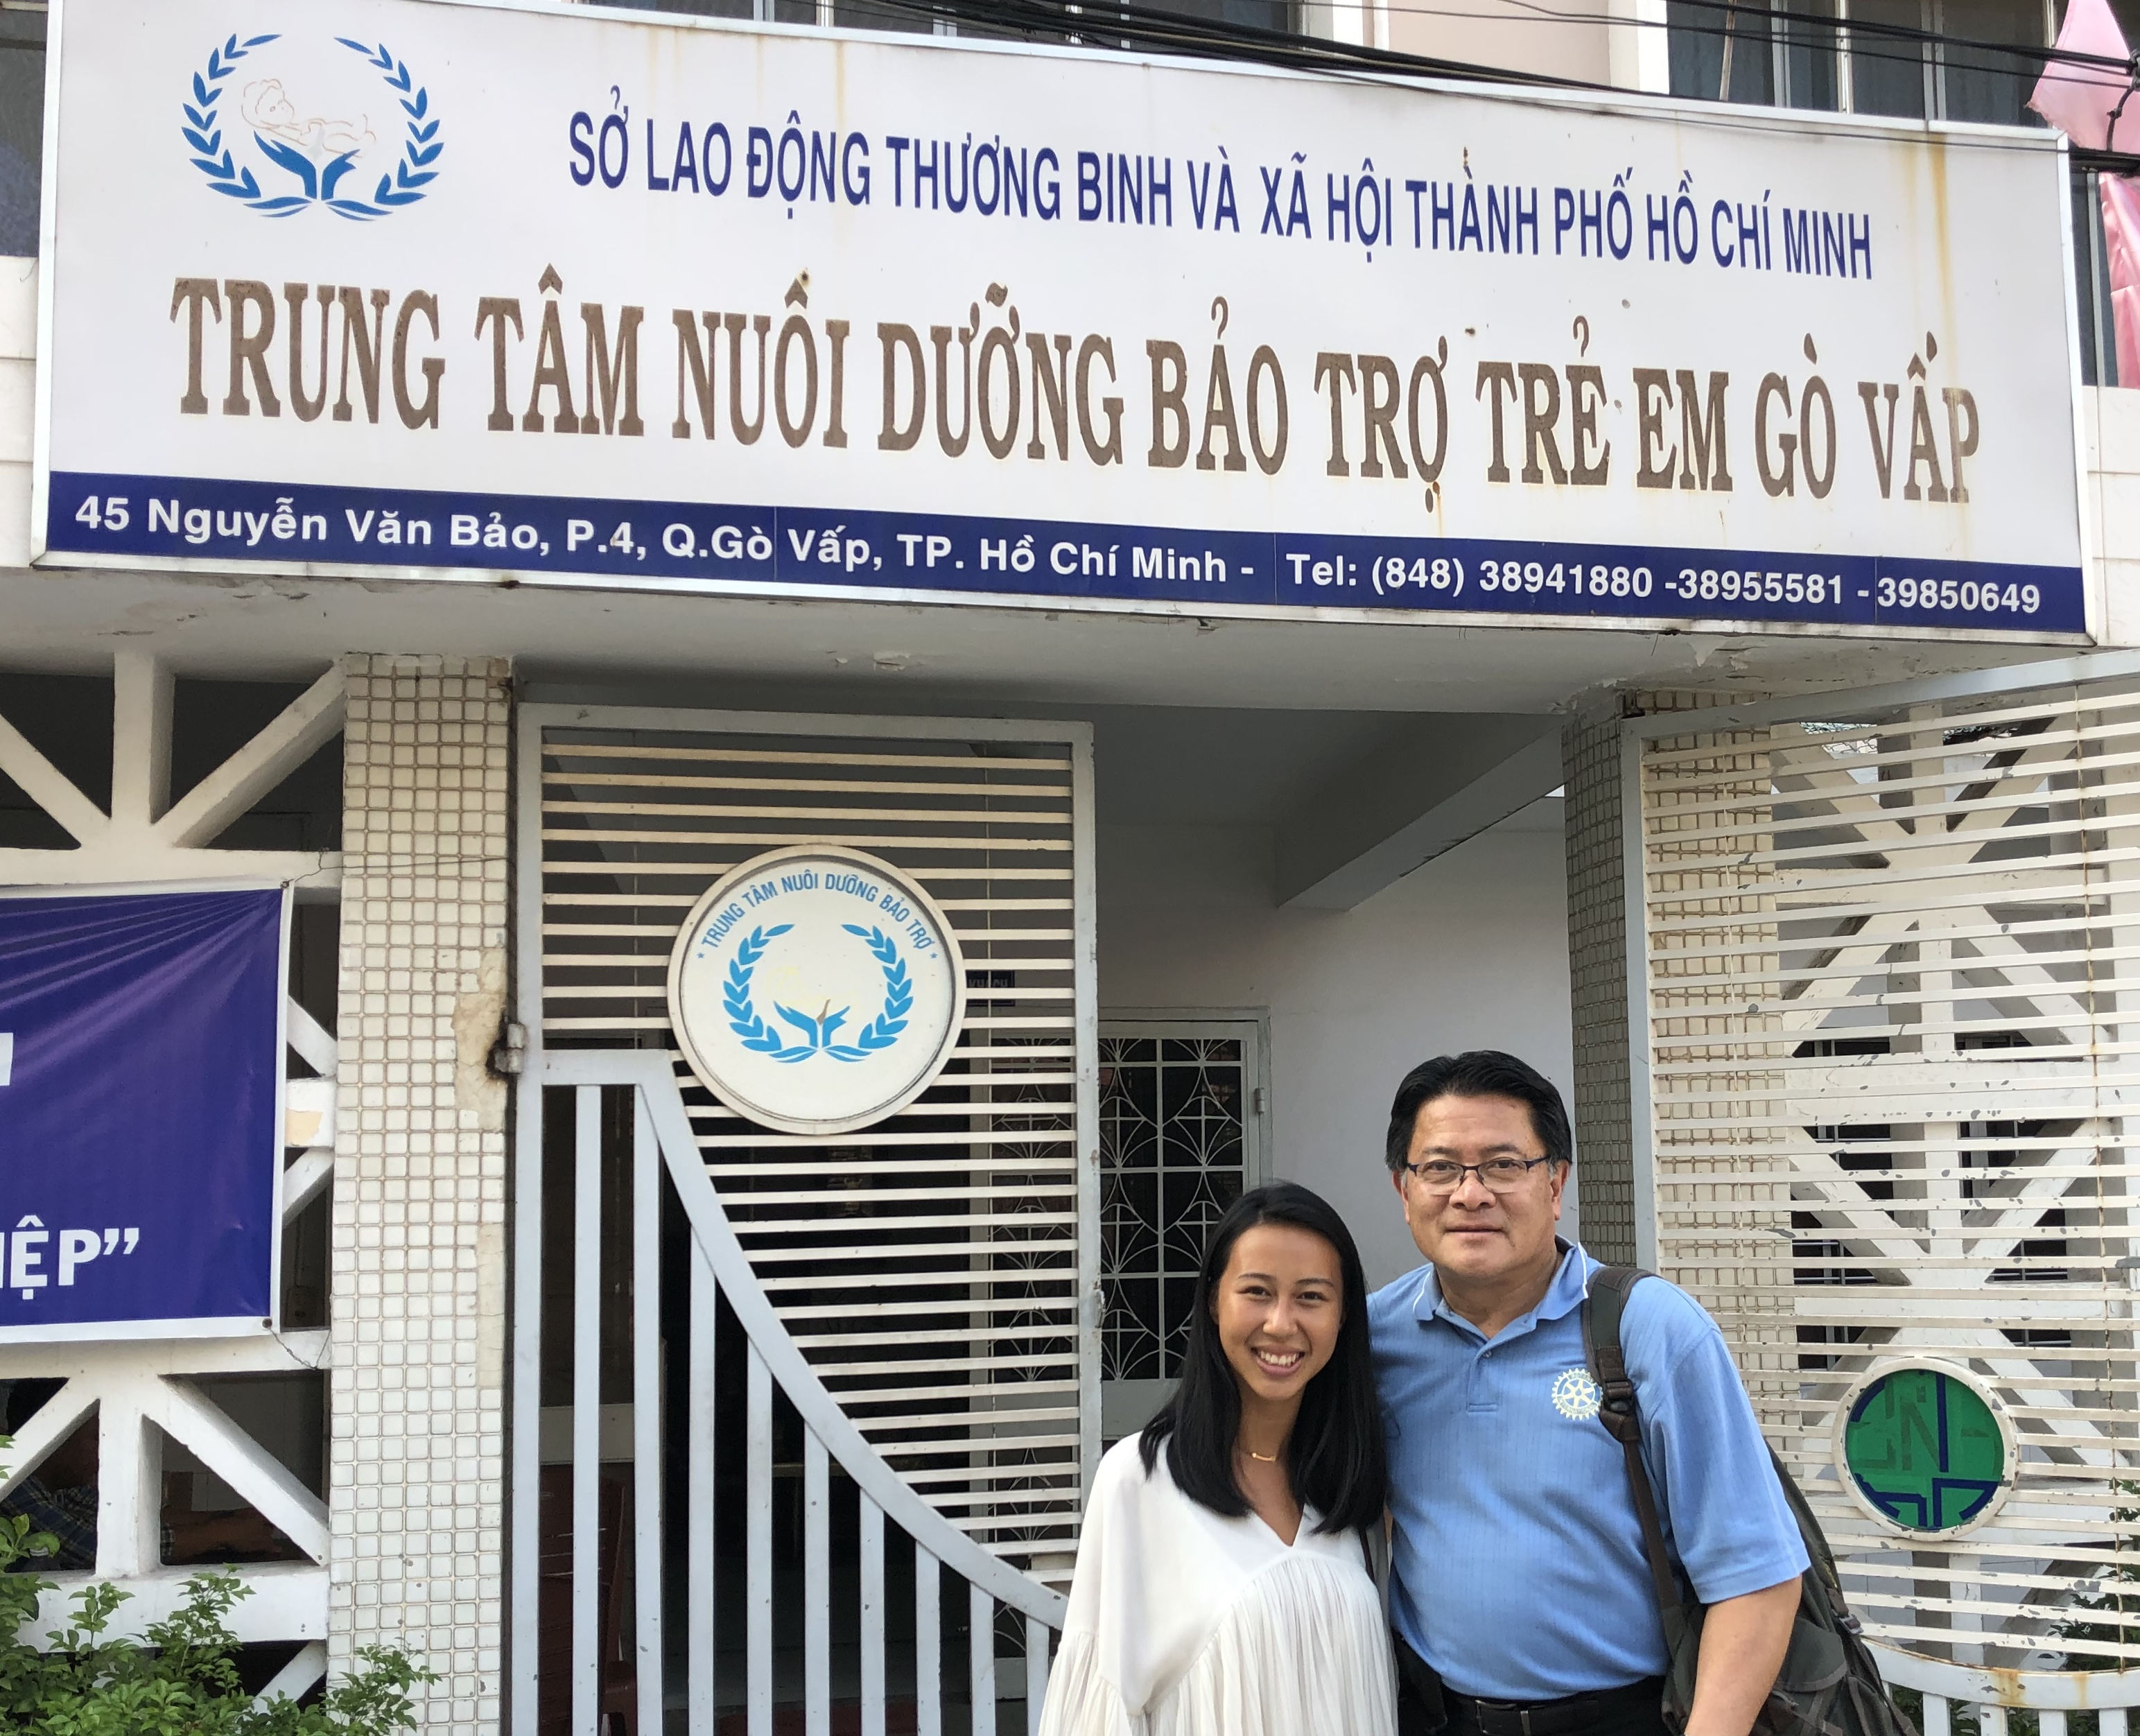 Vietnamese adoptees seek help to trace their root